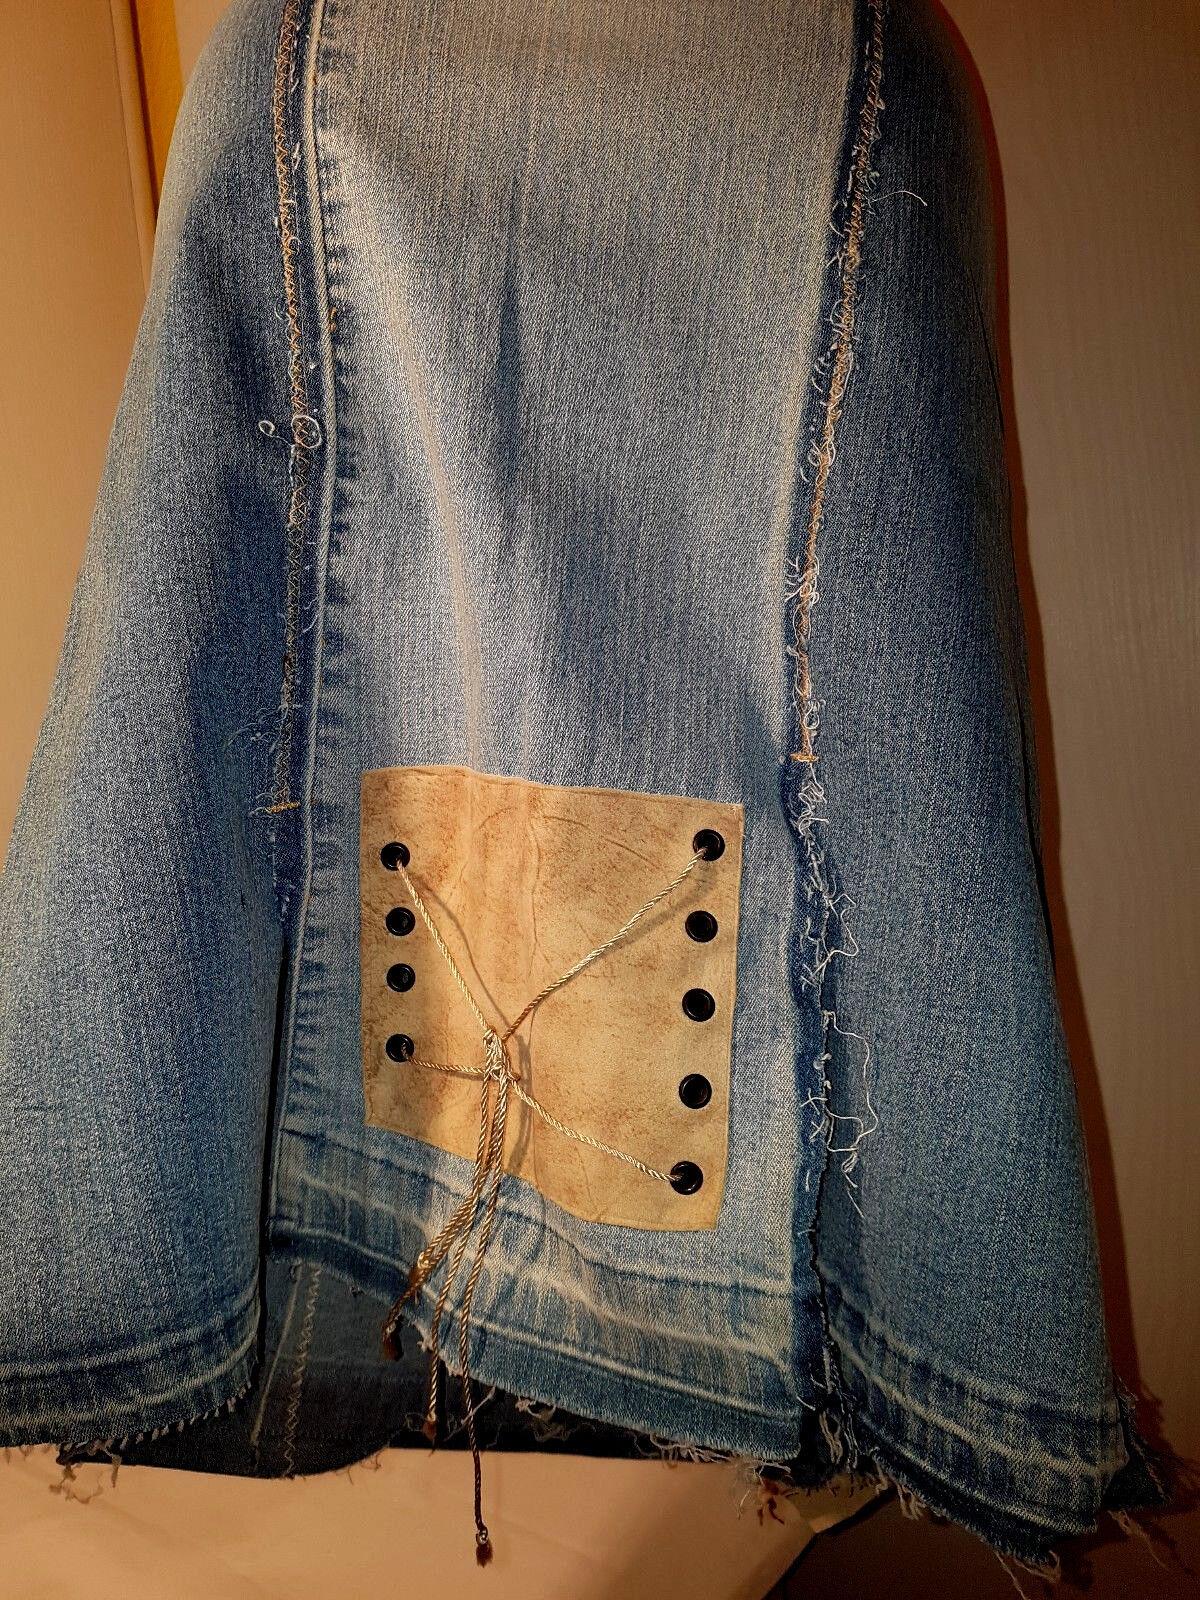 N69-ITALY neu 34 36 s Jeans blau blau blau weich echt Leder beige Raffiniert STRETCH Rock 09fce0